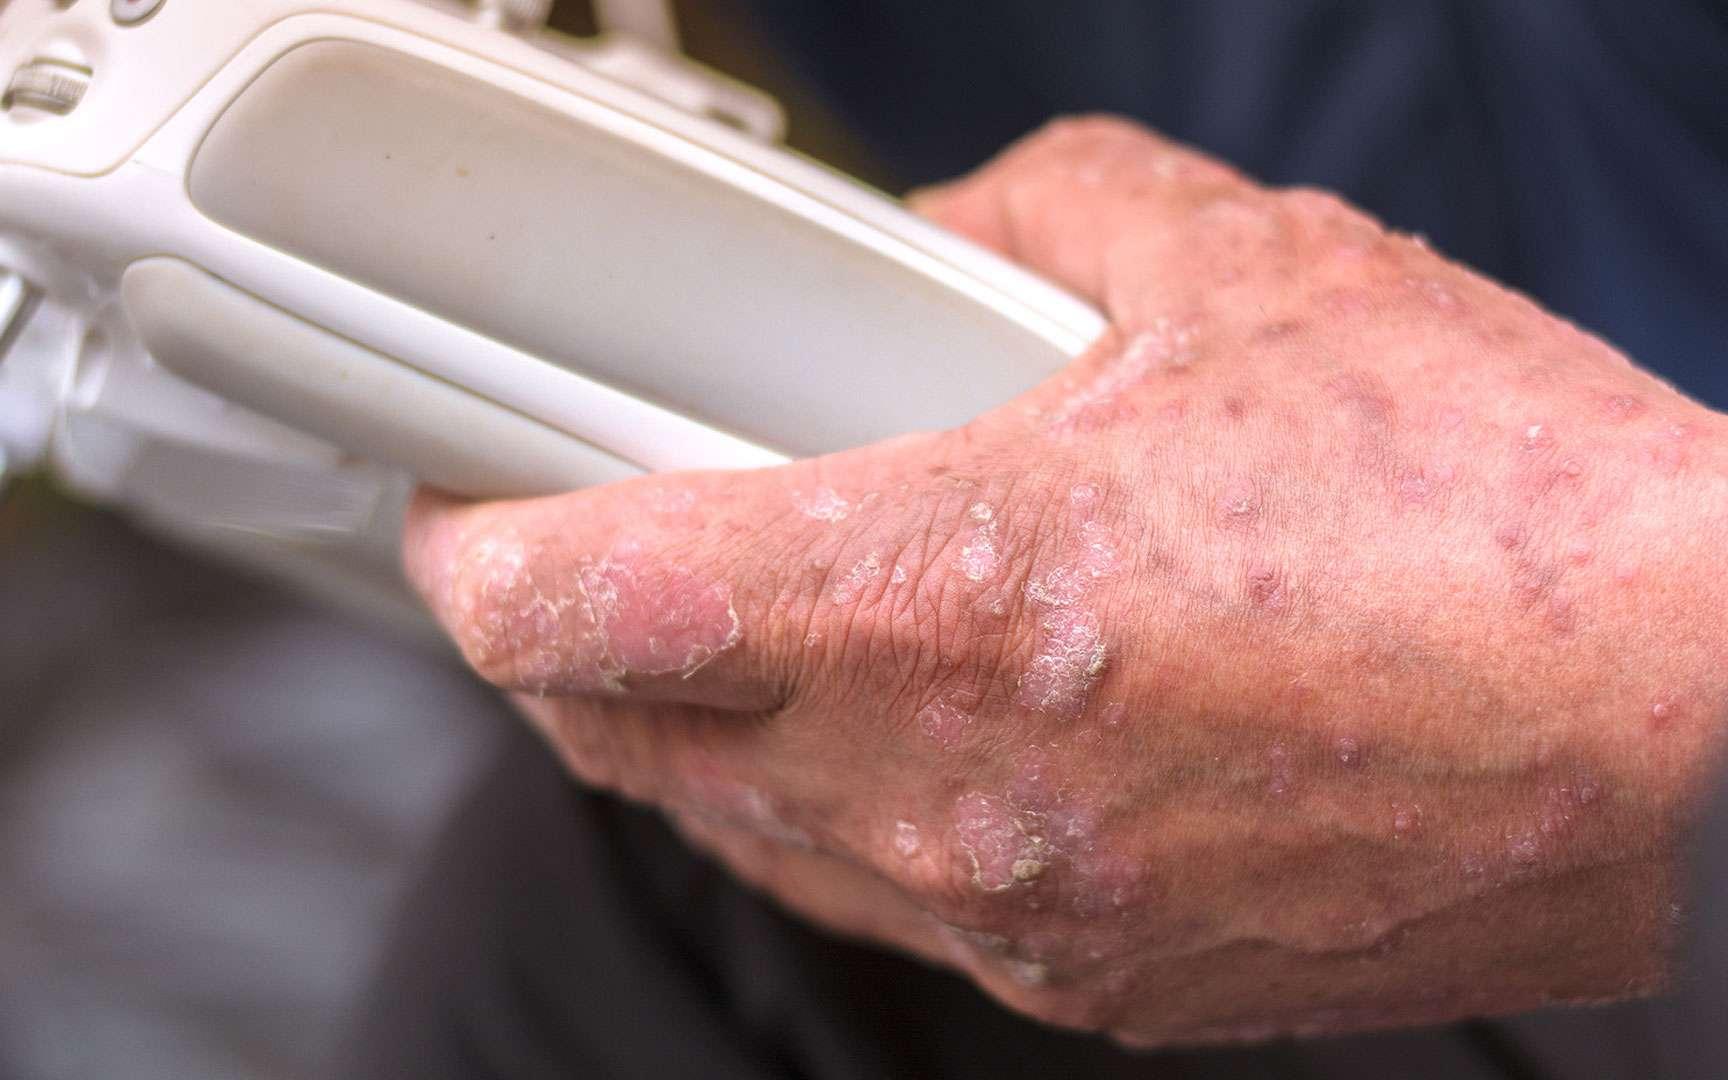 Quels traitements naturels contre l'eczéma ? Ici, eczéma de la main. © Pootsonnaja, Fotolia